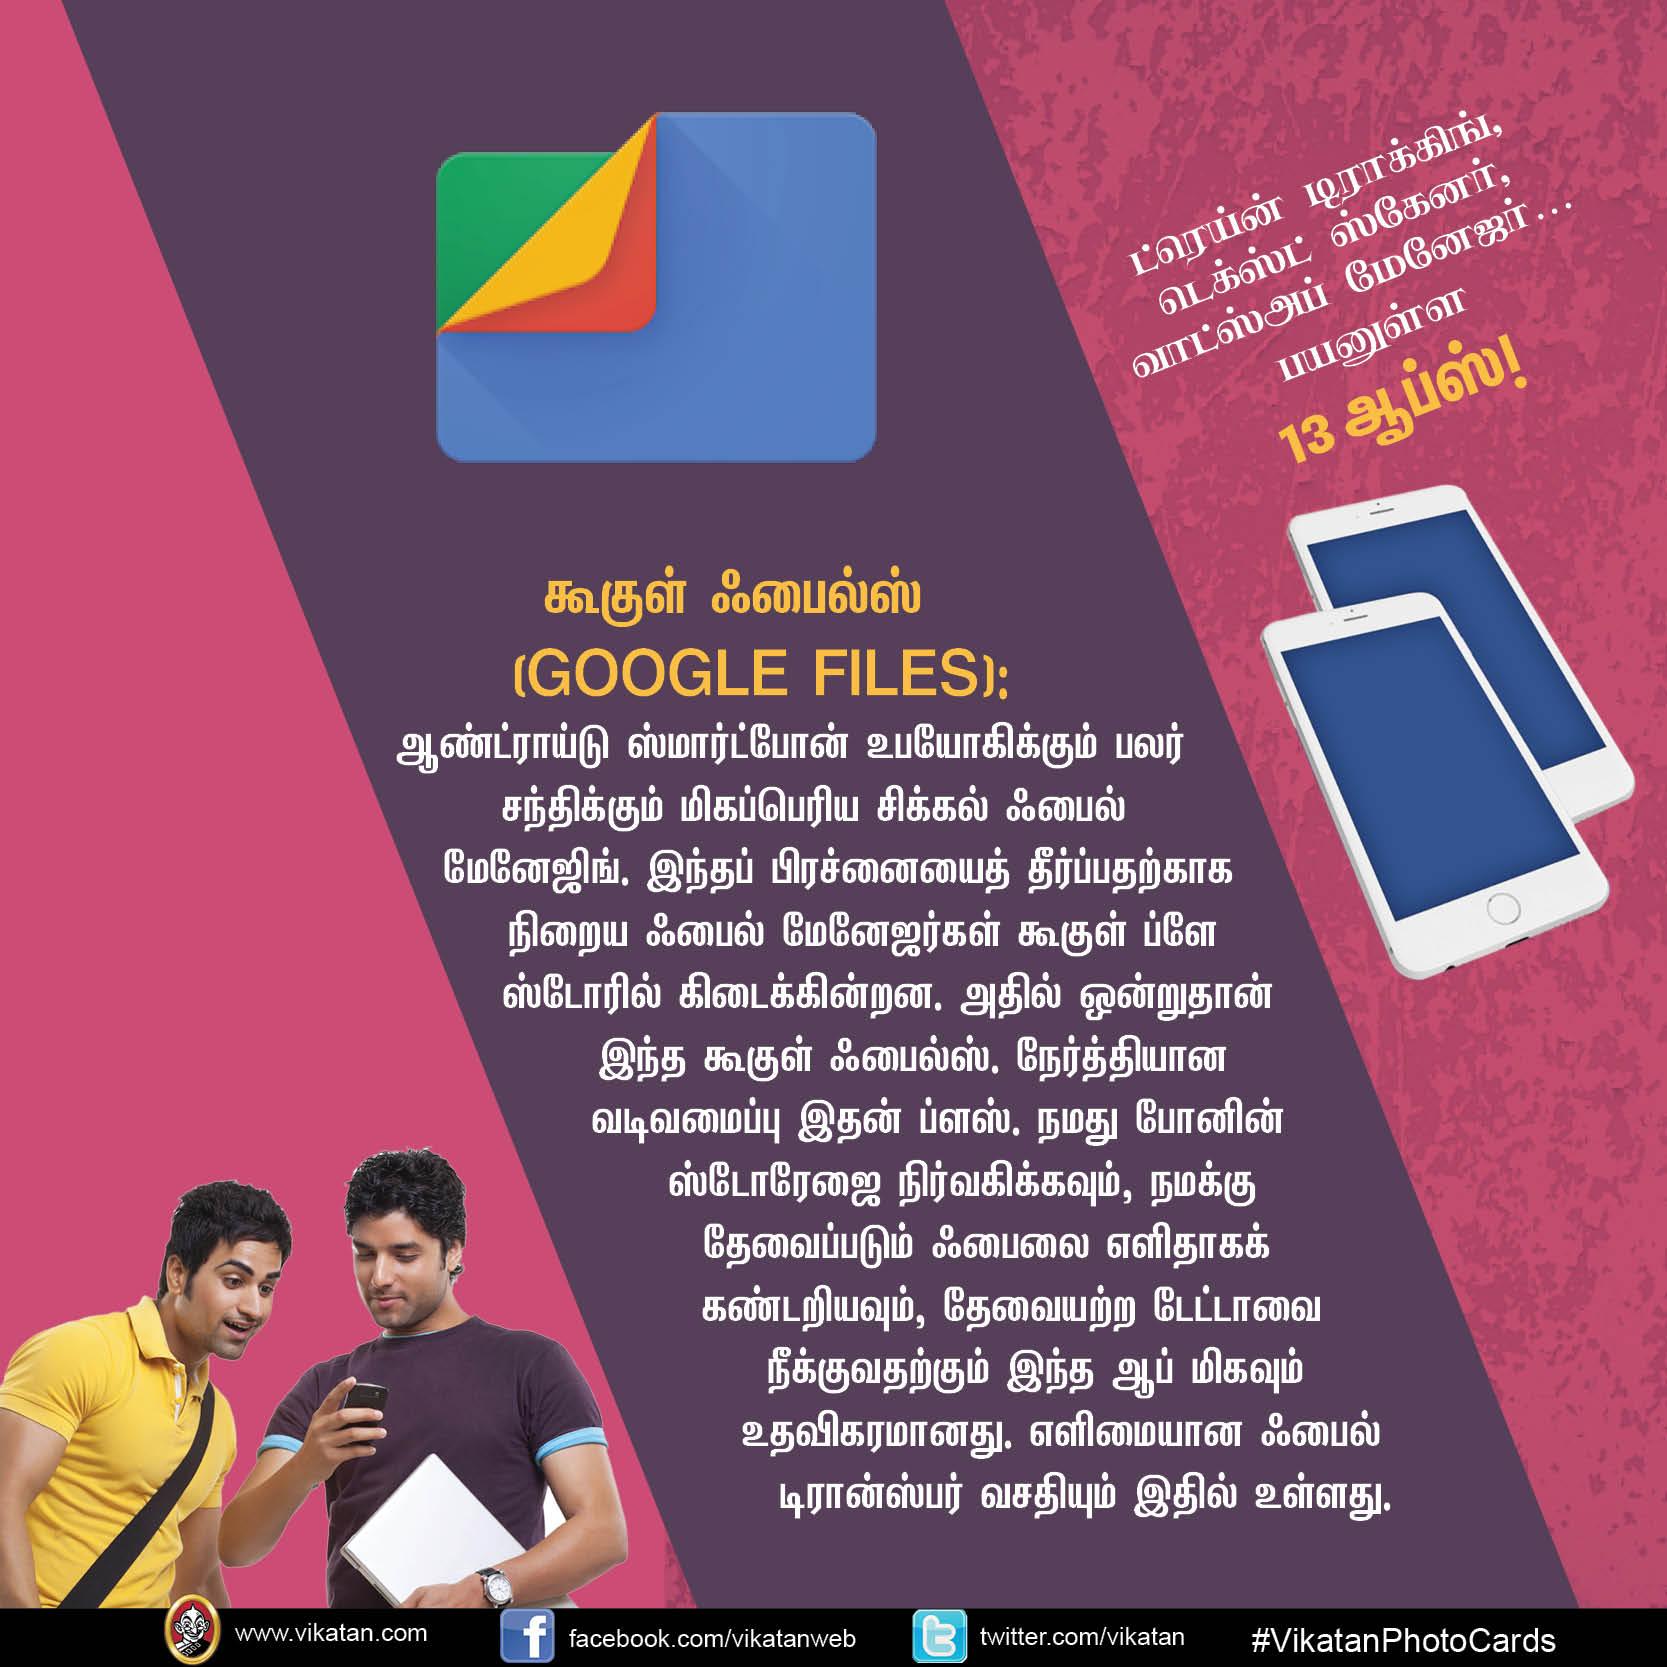 ட்ரெய்ன் டிராக்கிங், டெக்ஸ்ட் ஸ்கேனர், வாட்ஸ்அப் மேனேஜர்… பயனுள்ள 13 ஆப்ஸ்! #VikatanPhotoCards